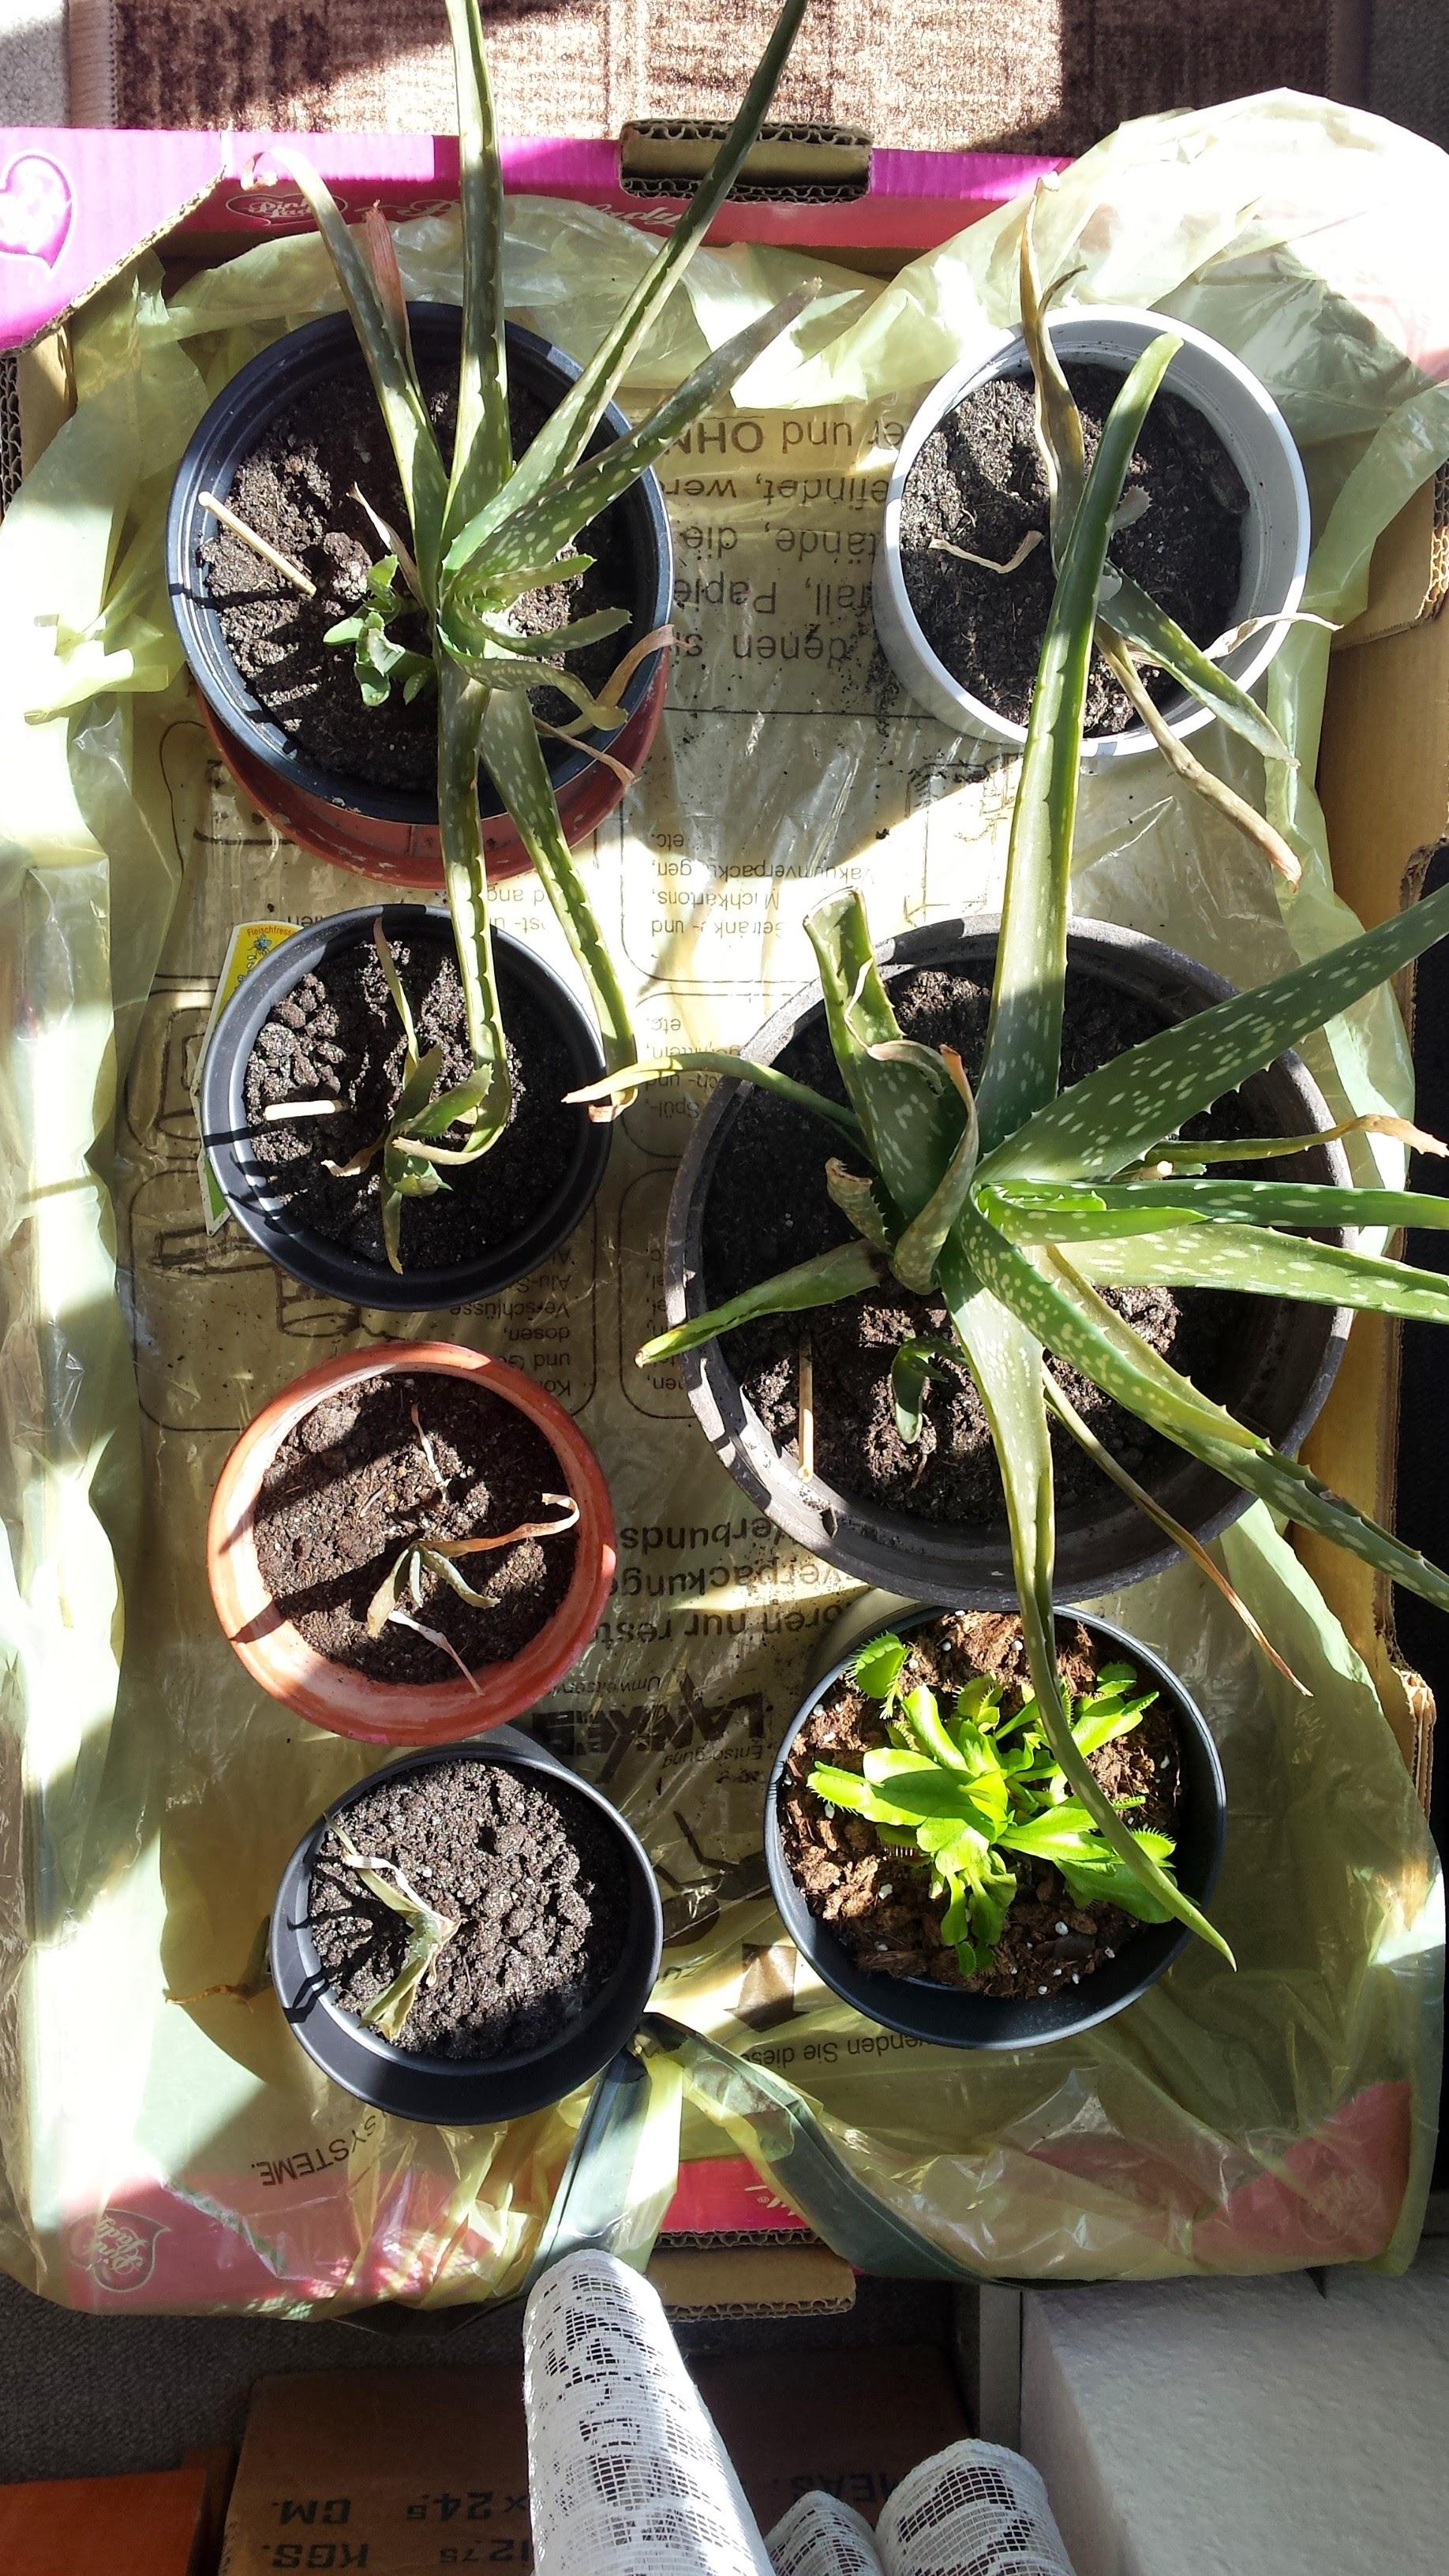 hilfe aloe vera bl tter rollen ein bl tter sterben ab pflanzenkrankheiten sch dlinge. Black Bedroom Furniture Sets. Home Design Ideas